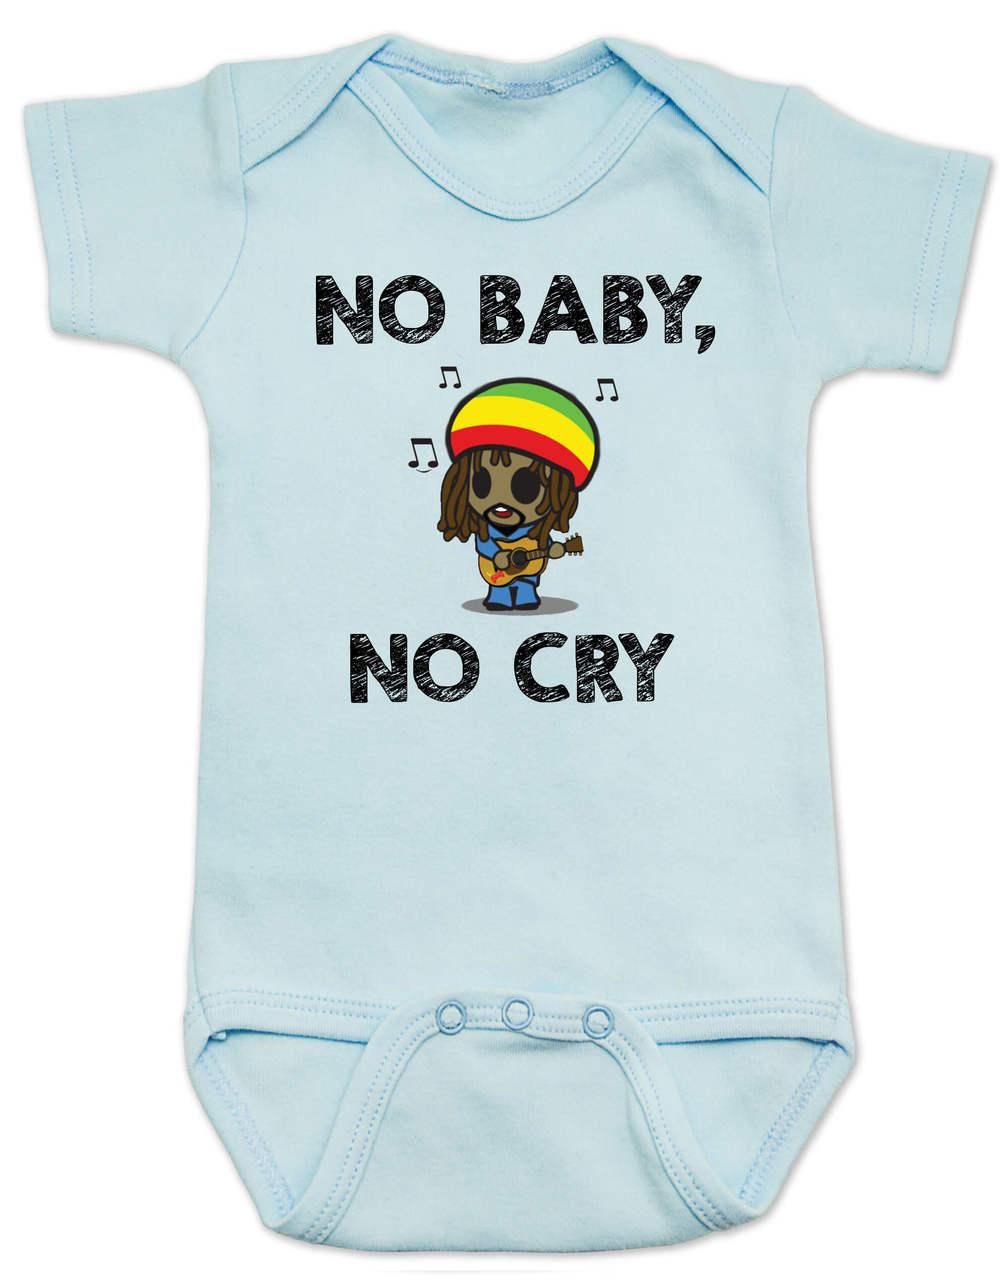 8bfb2397b No Baby